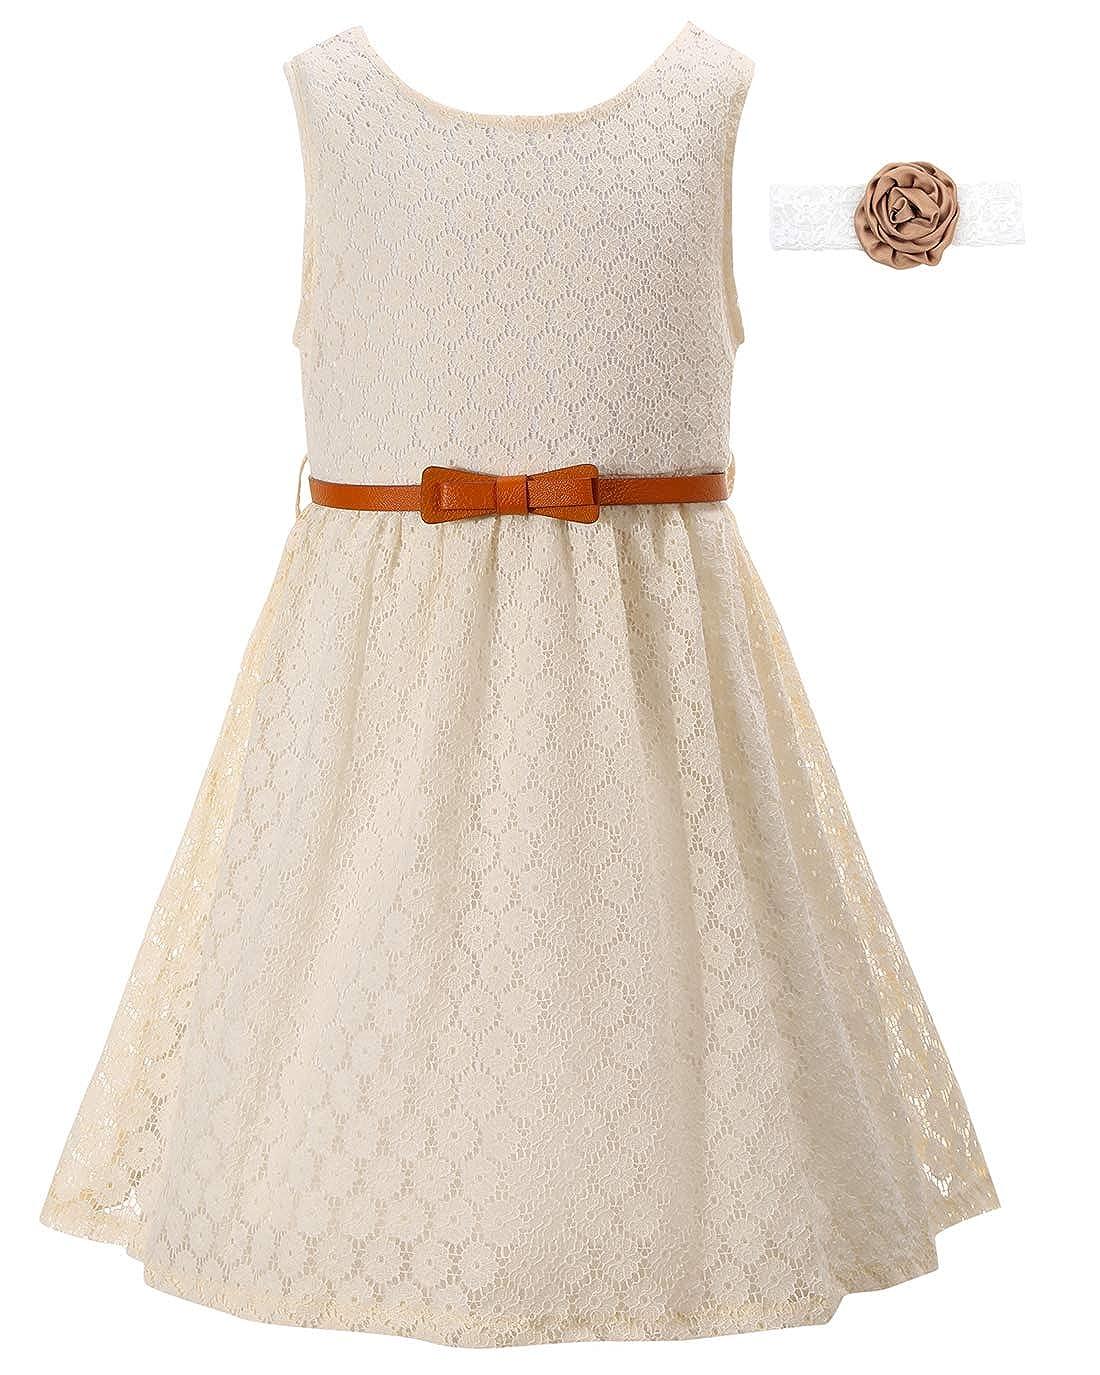 7260d2b294ce8 Girls Lace Dress Kids Casual Flower Girl Dress